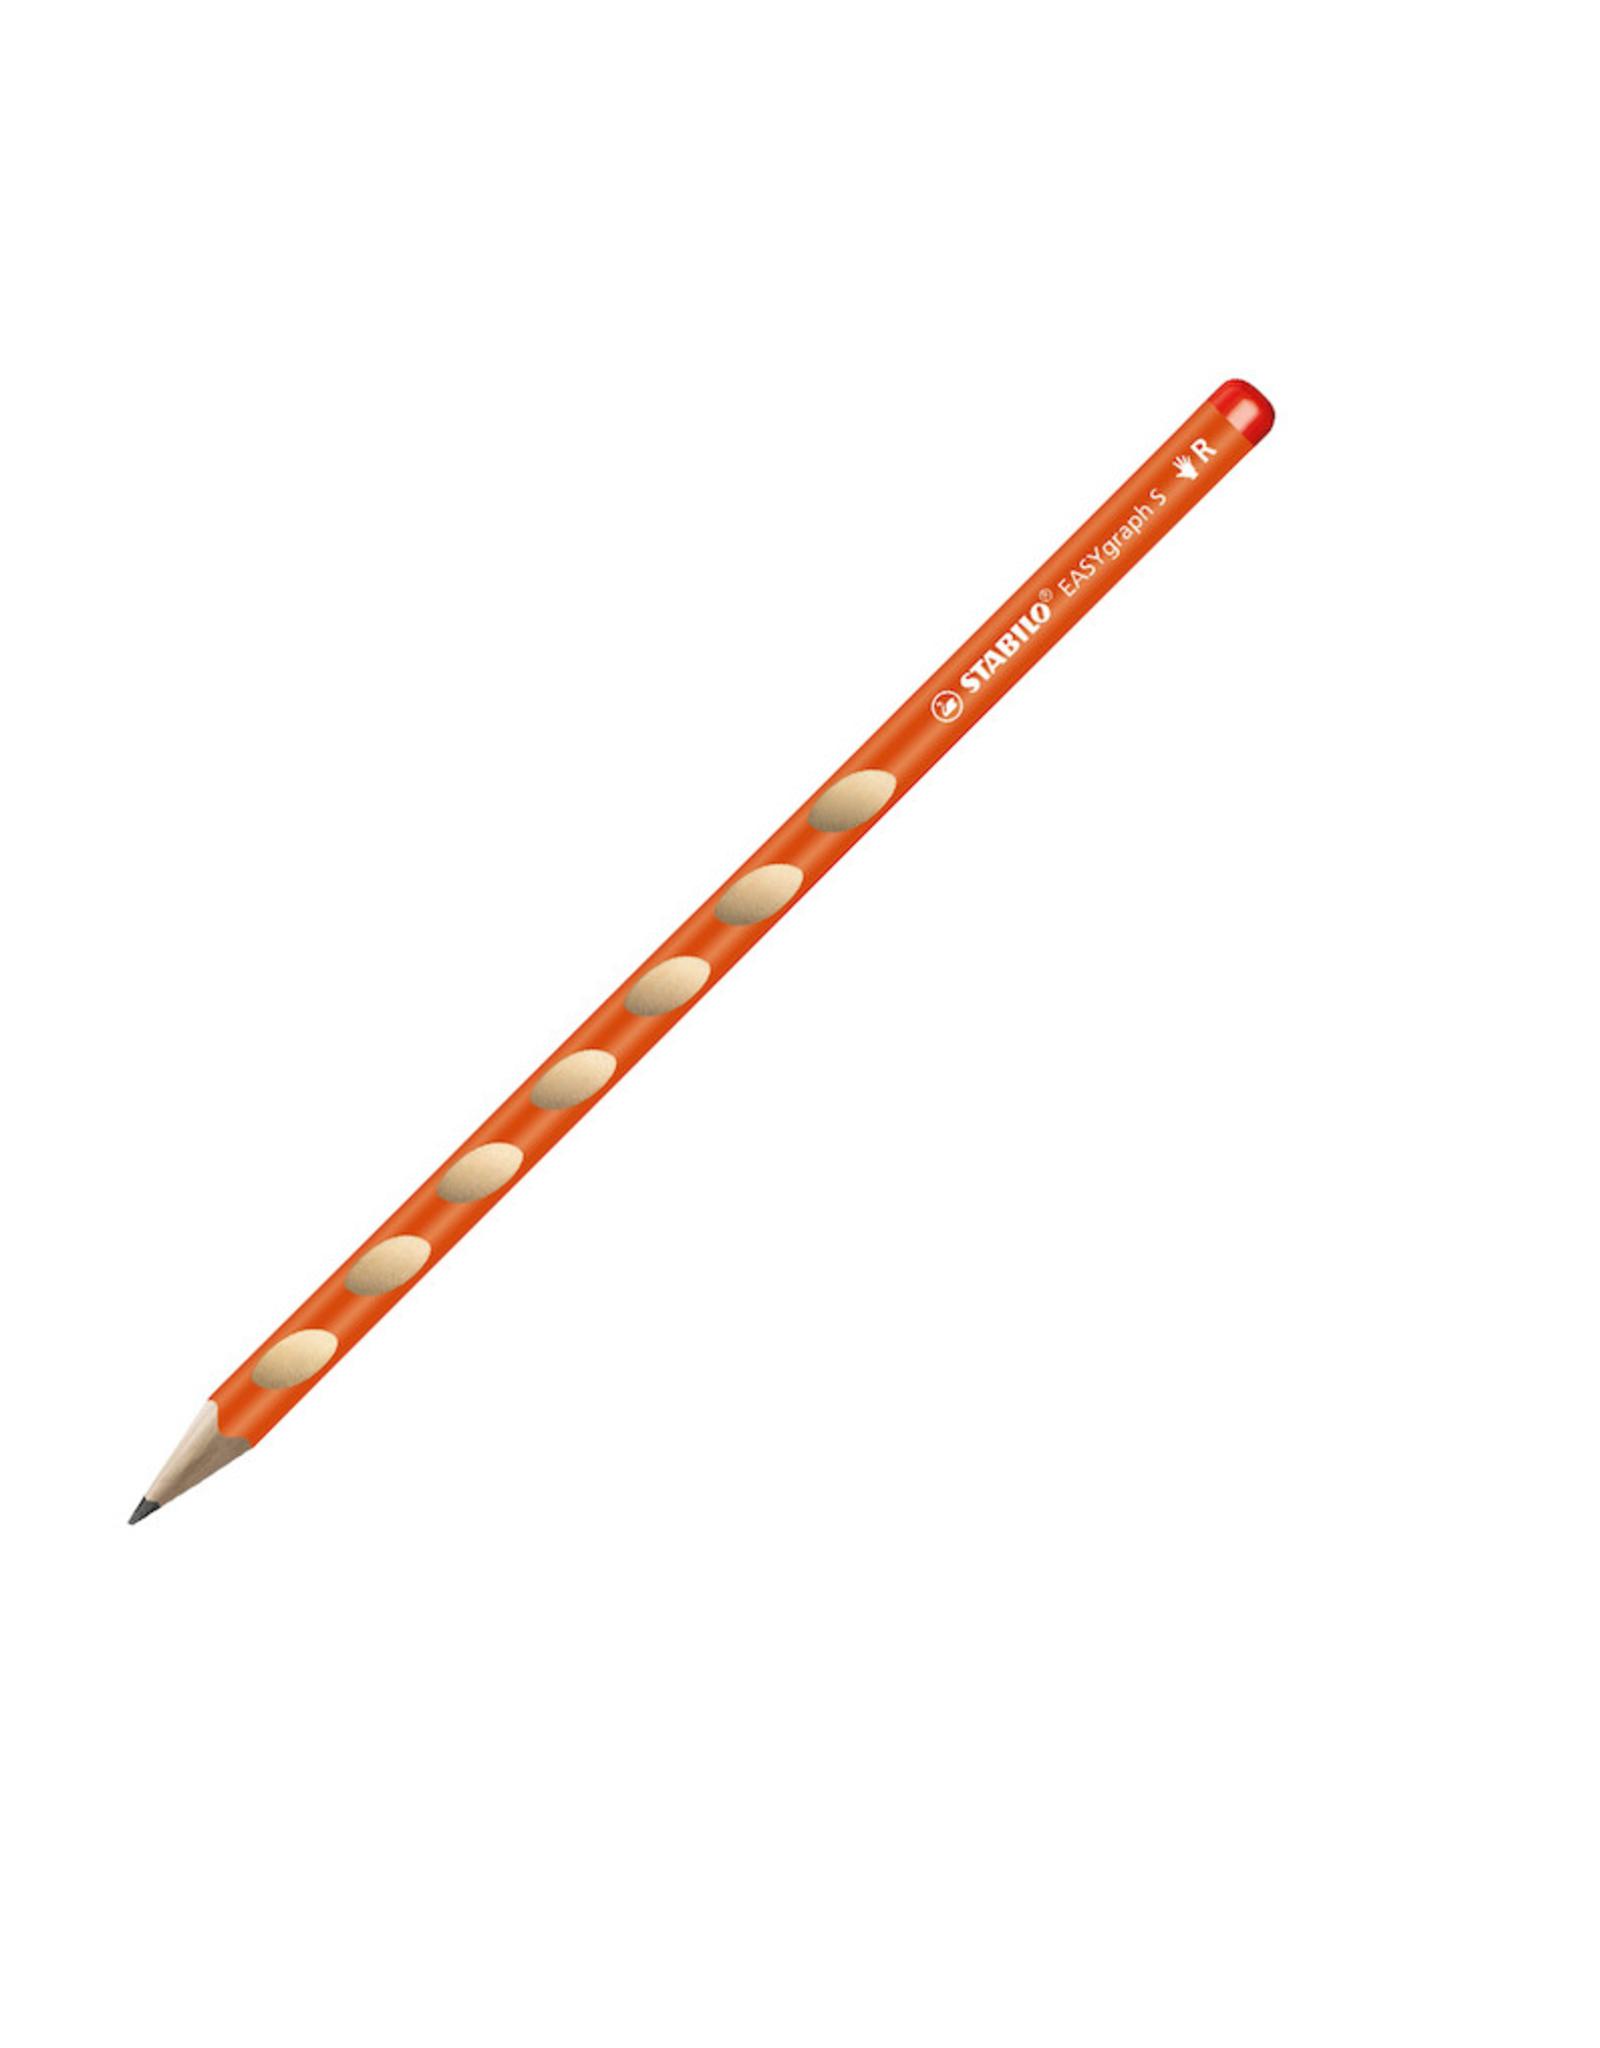 Stabilo Stabilo Easygraph Slim Right Orange Pencil (326/03-HB)